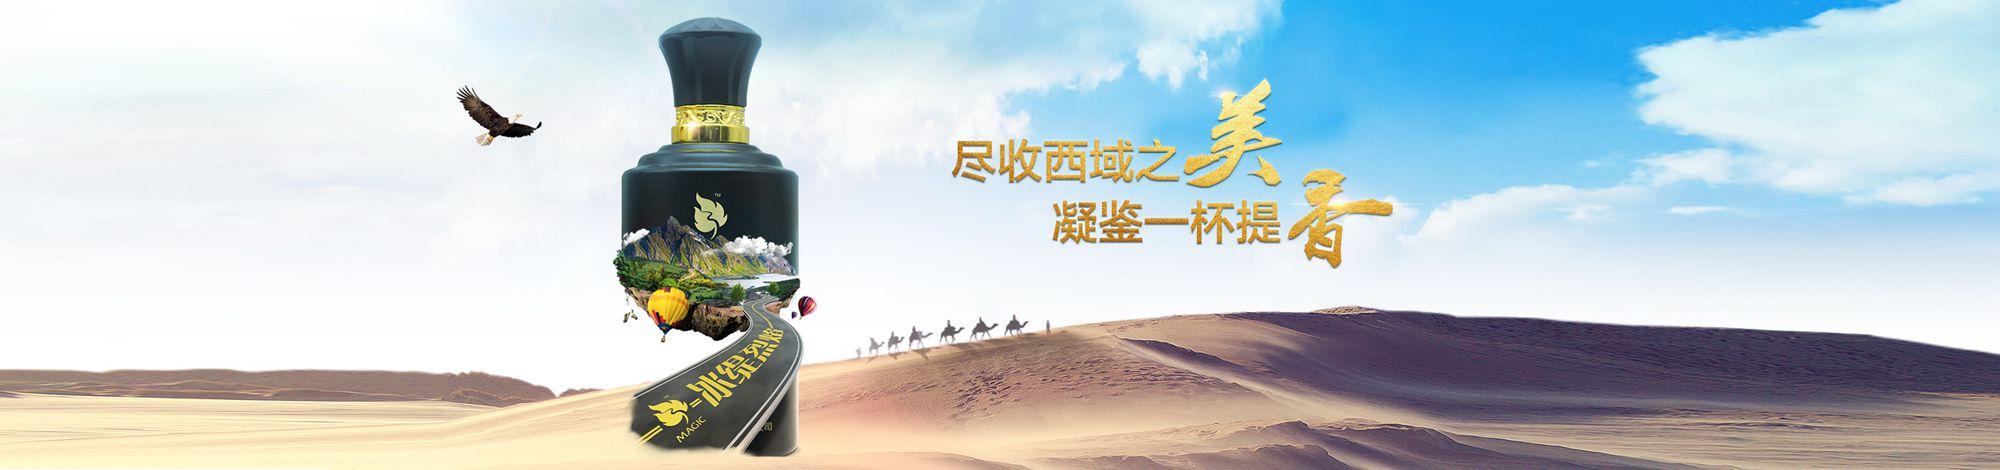 新疆迈极客酒业有限公司